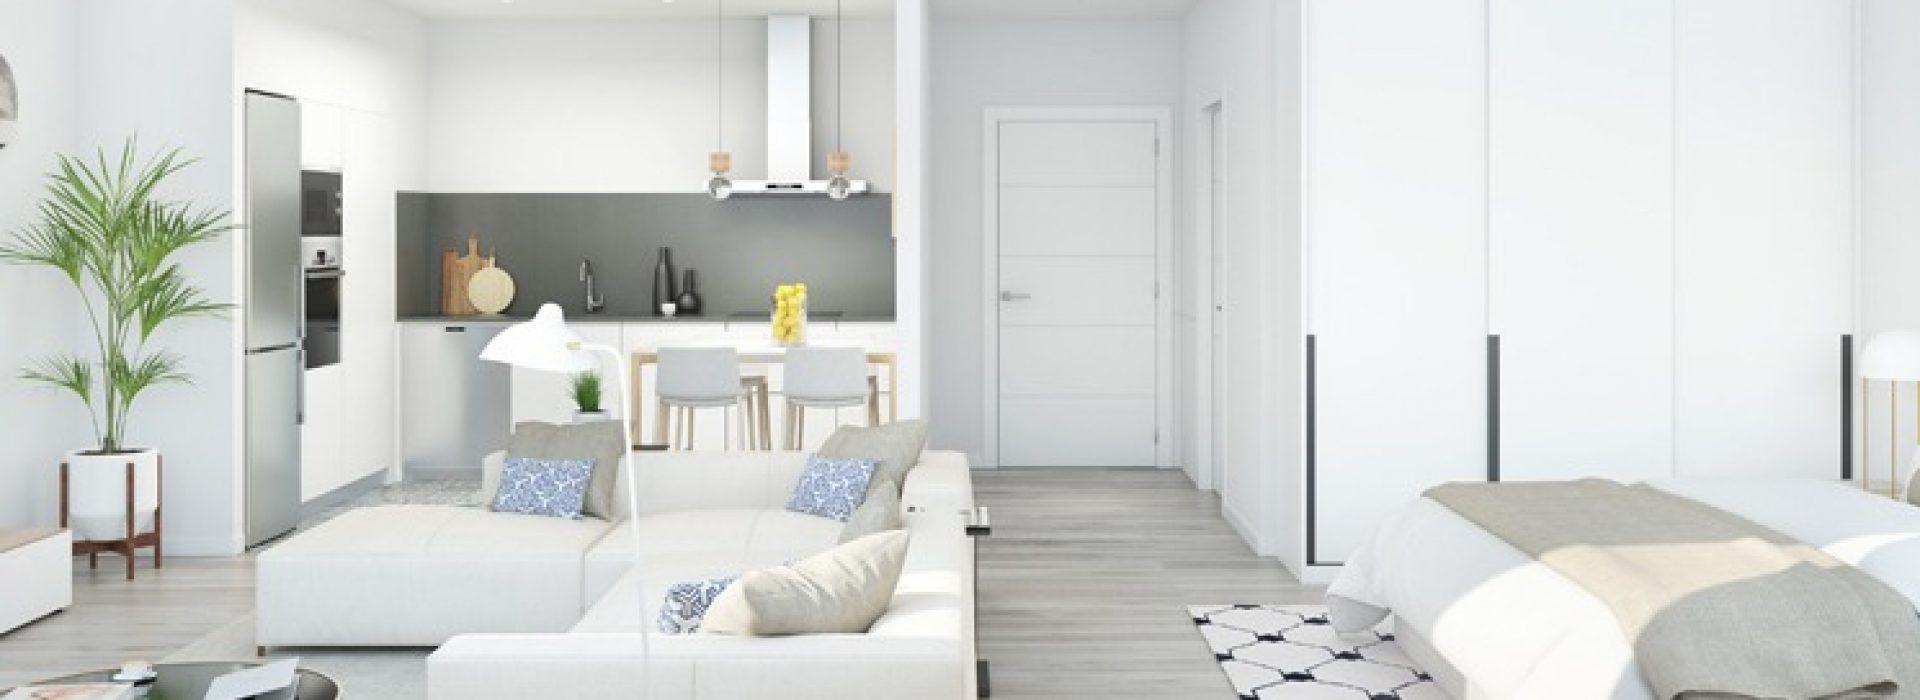 residencial-estronci-9104